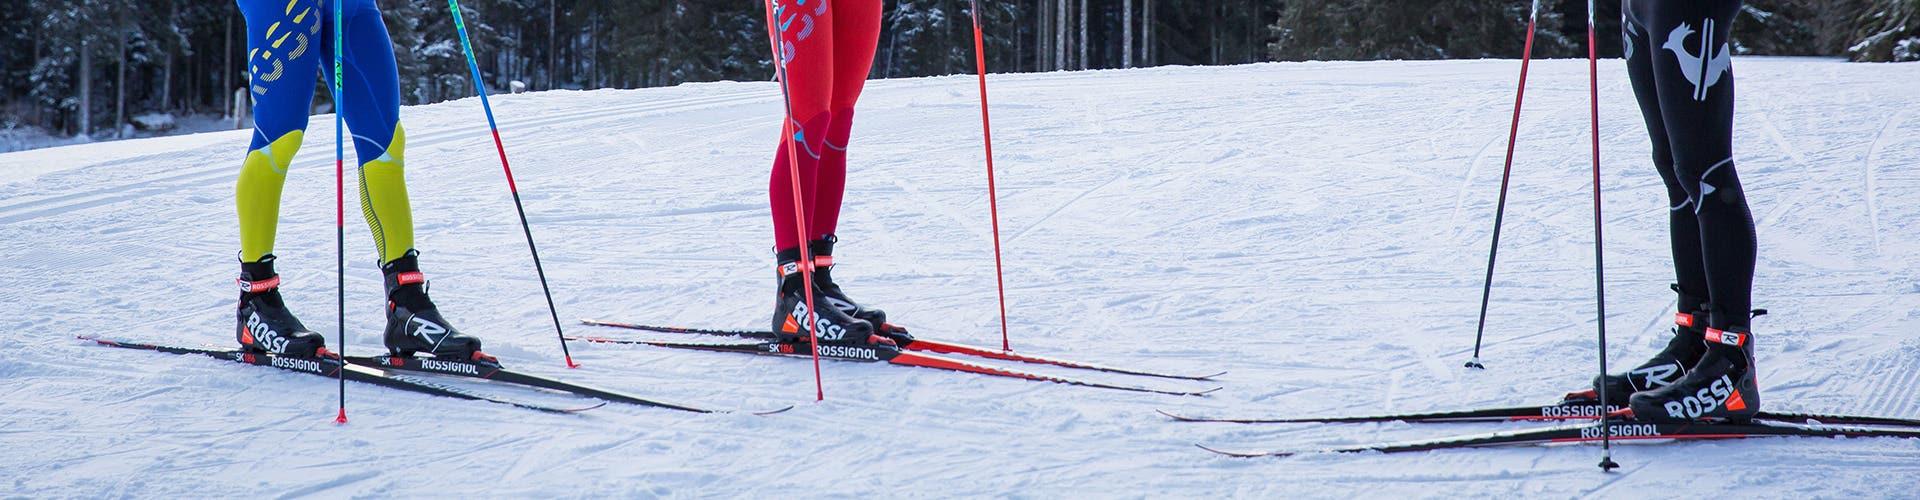 Tous les skis de fond